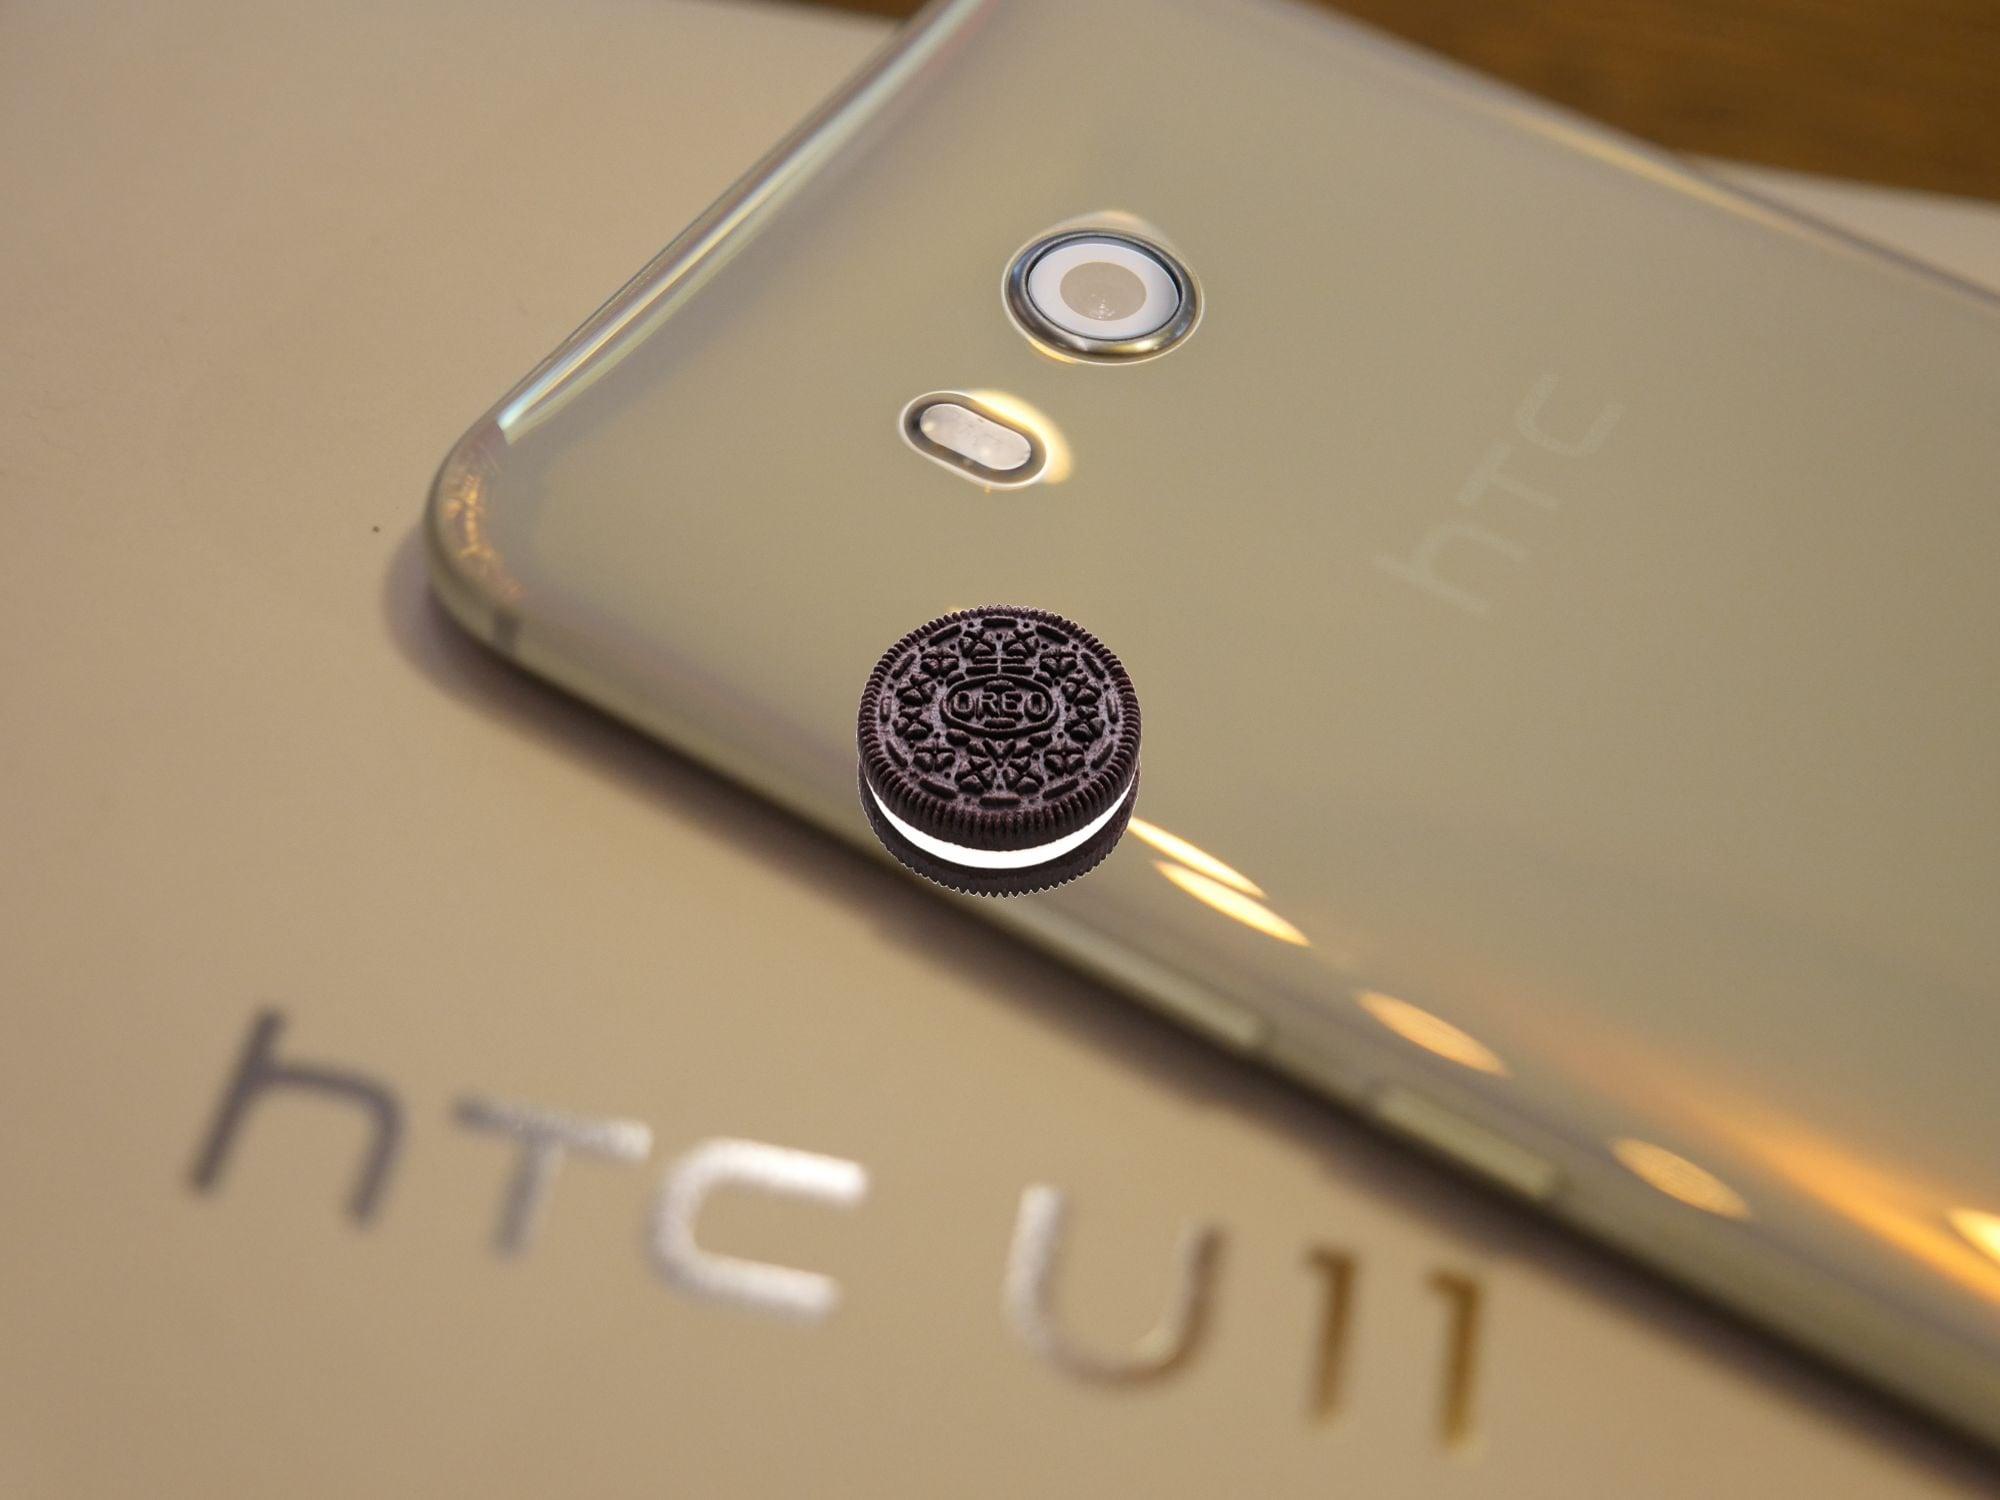 Miała być wcześniej, ale jest dopiero teraz - HTC U11 otrzymuje aktualizację do Androida 8.0 Oreo 28